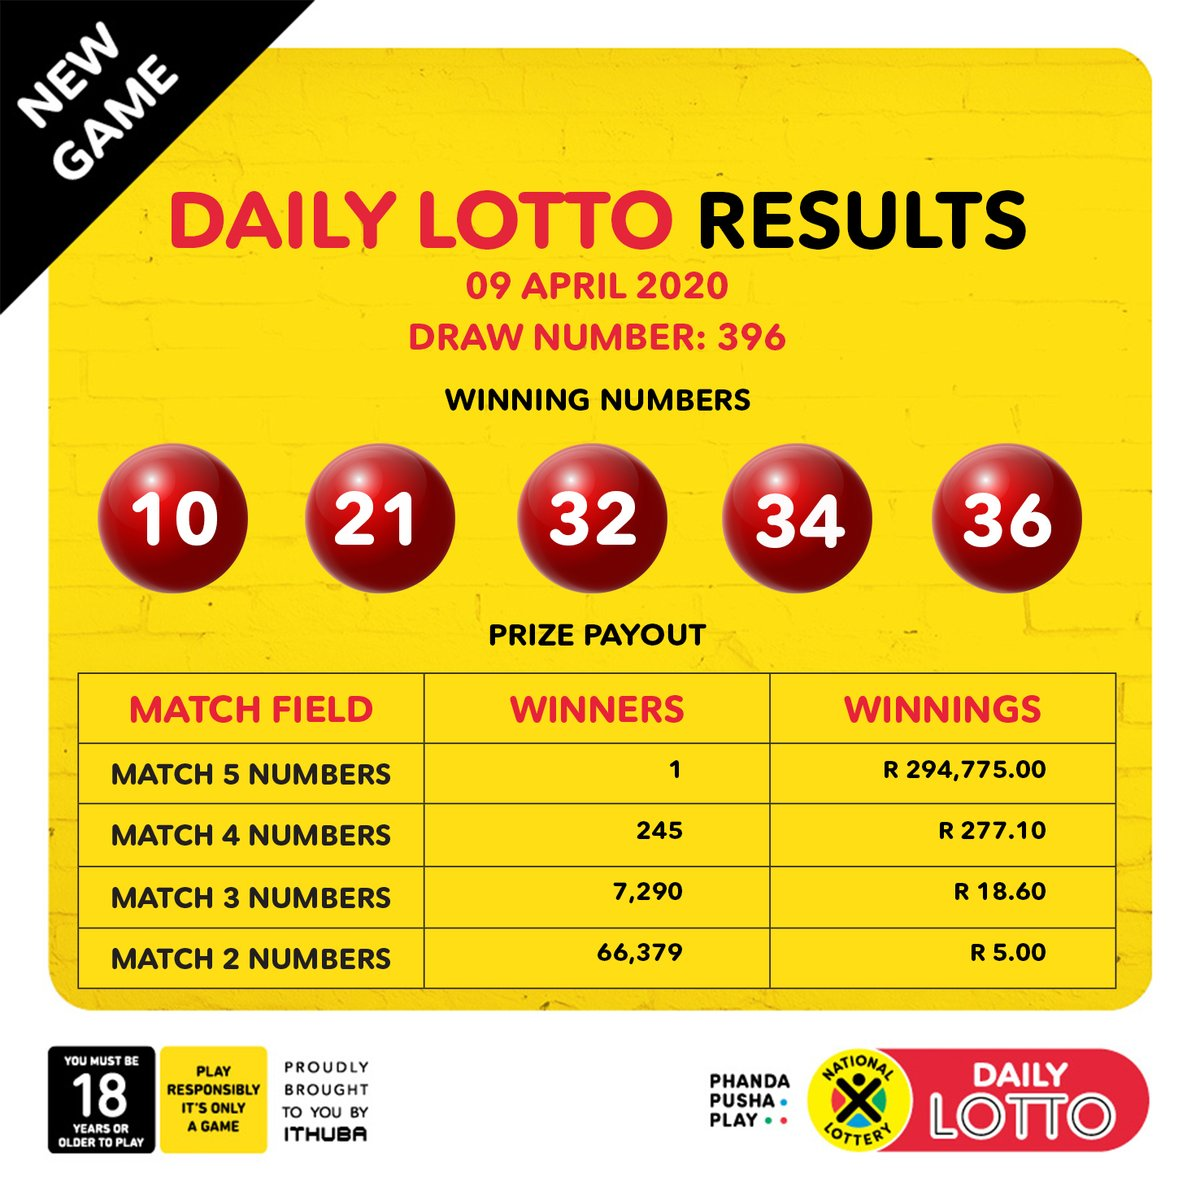 Финляндия veikkaus lotto - большие шансы, отличные призы, низкие цены на билеты   big lottos